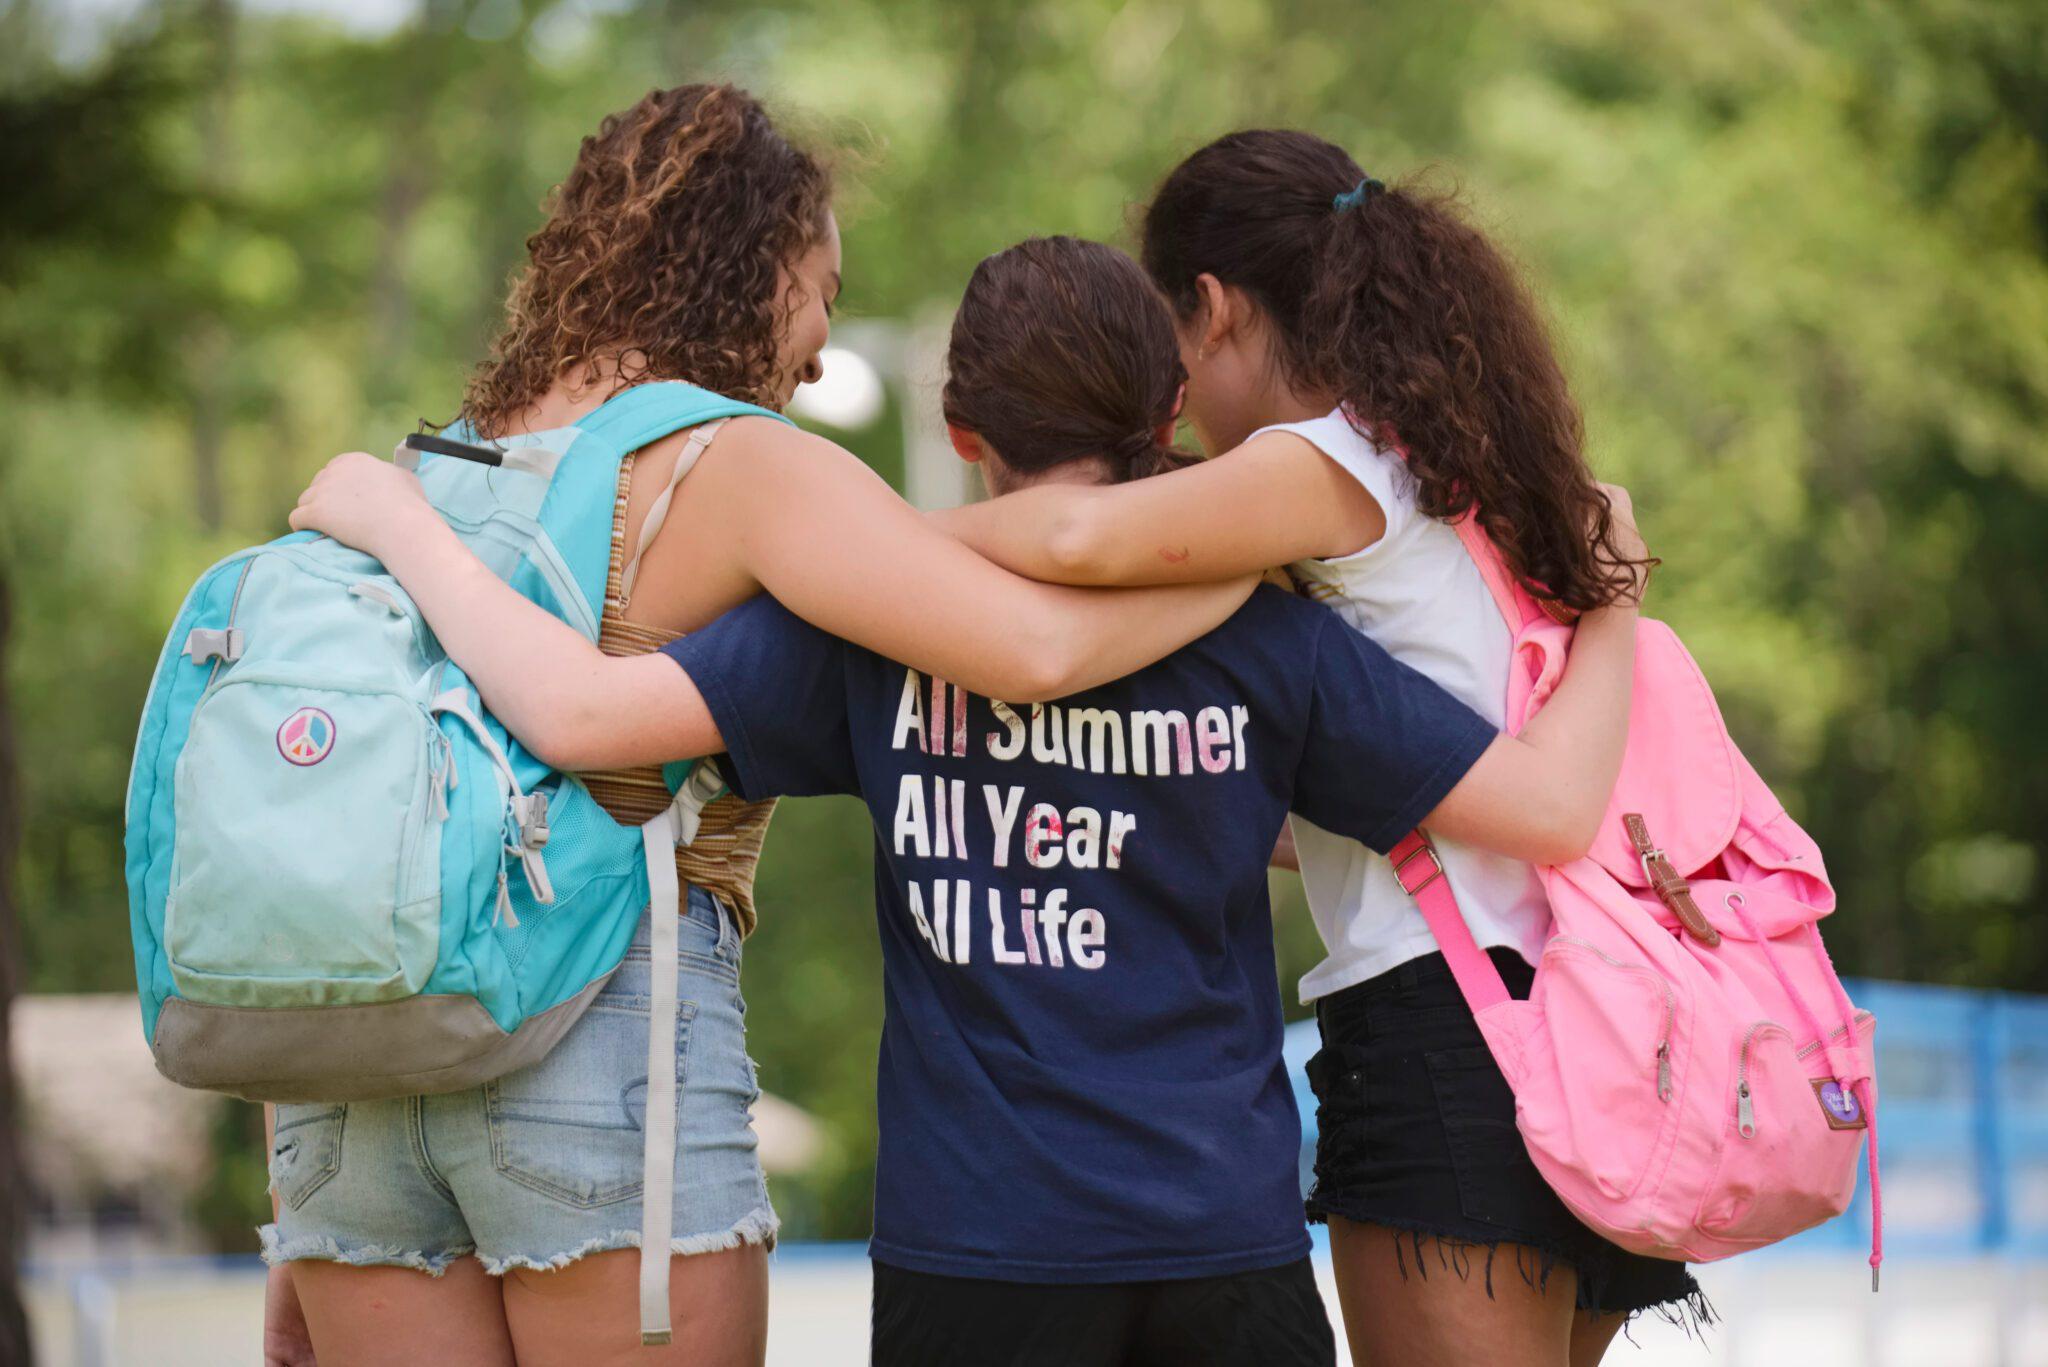 Three children at a Jewish summer camp